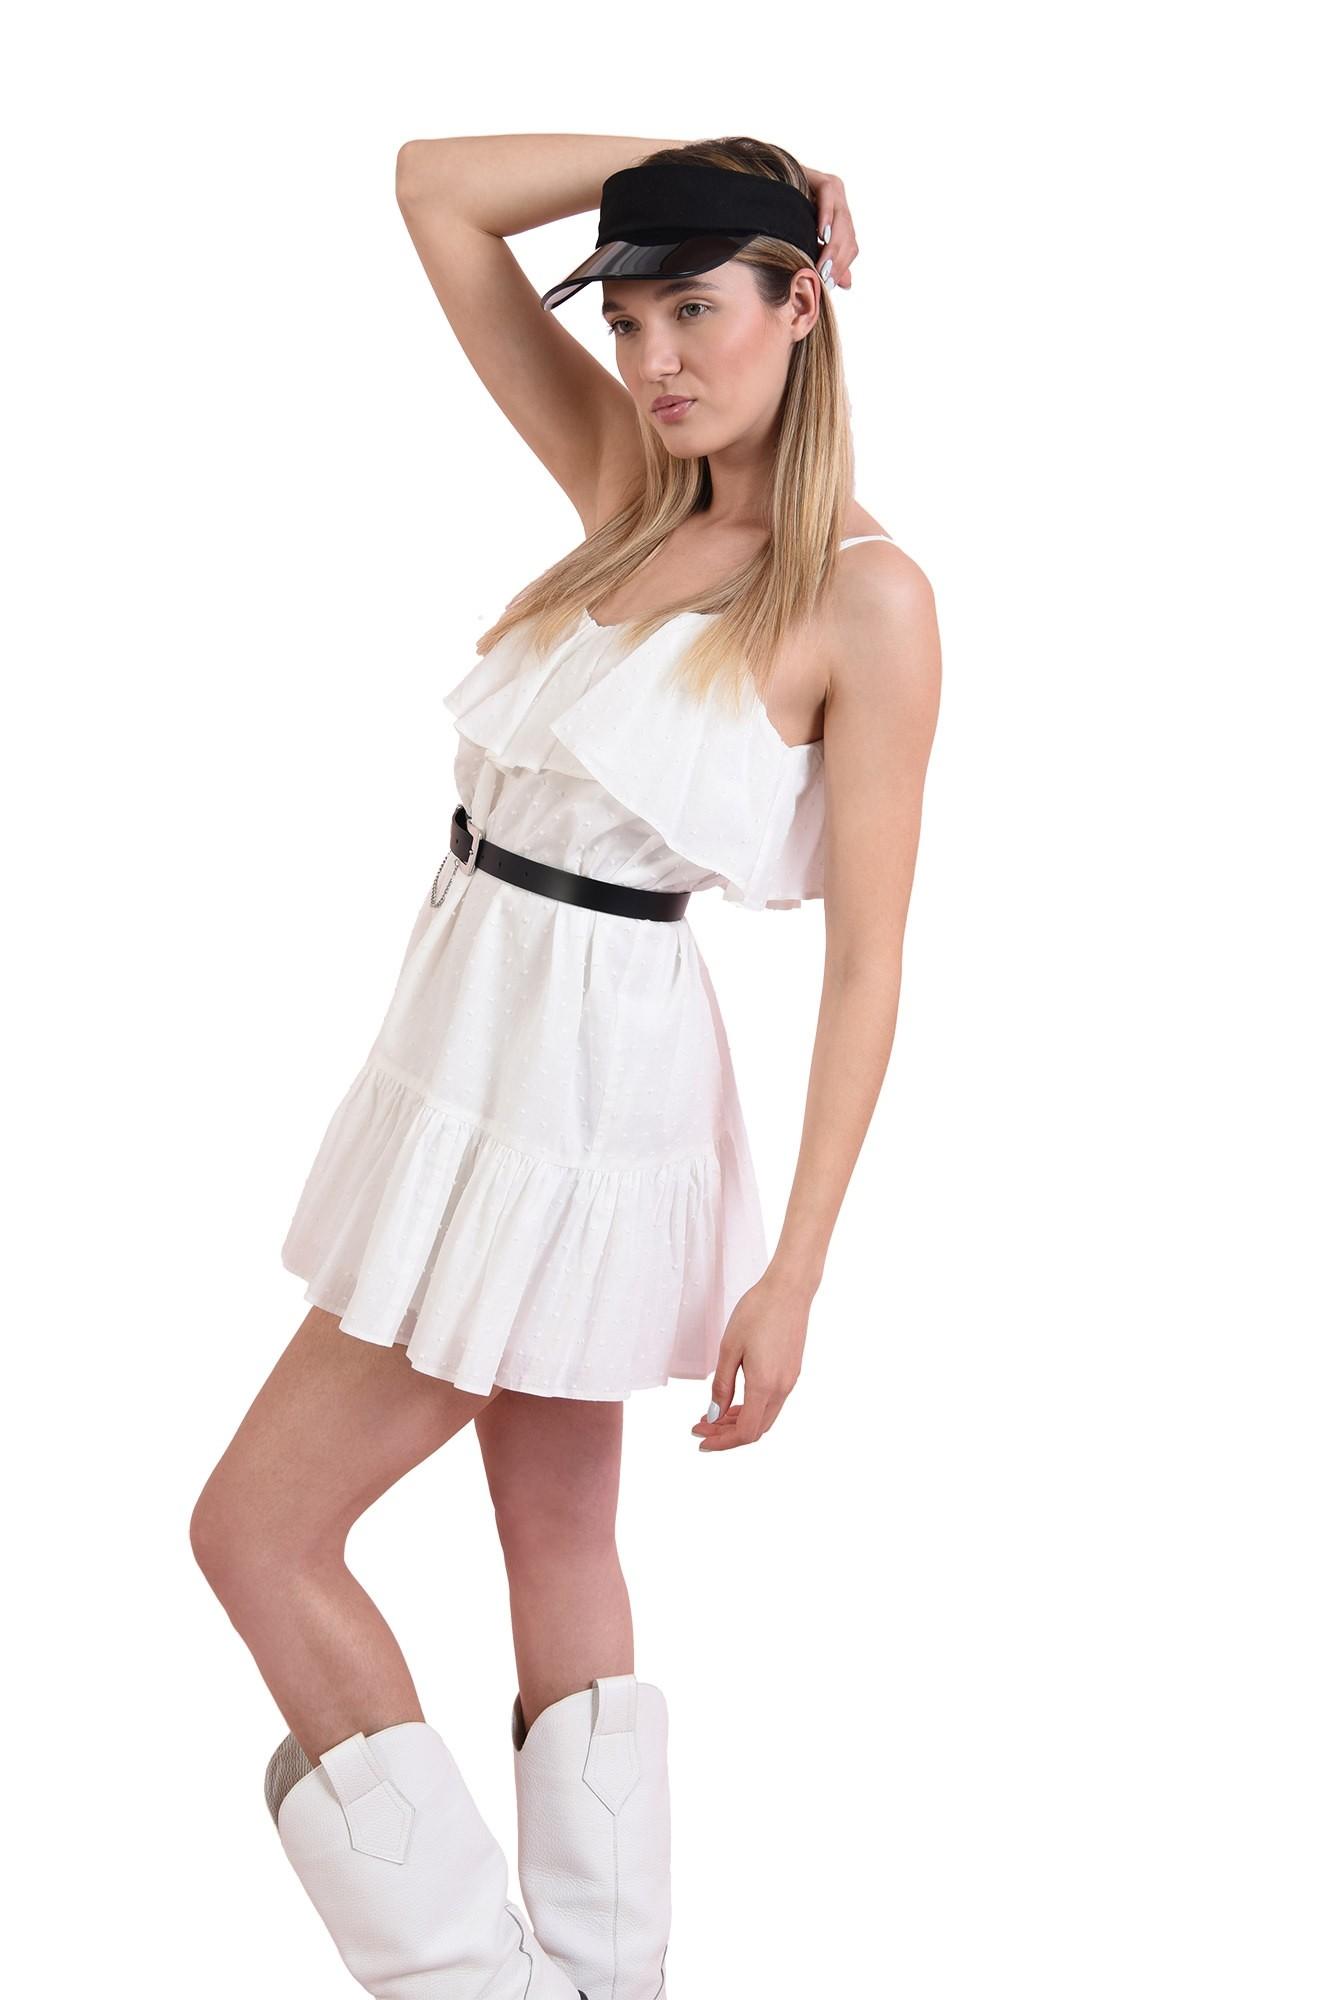 2 - rochie din bumbac, cu bretele subtiri